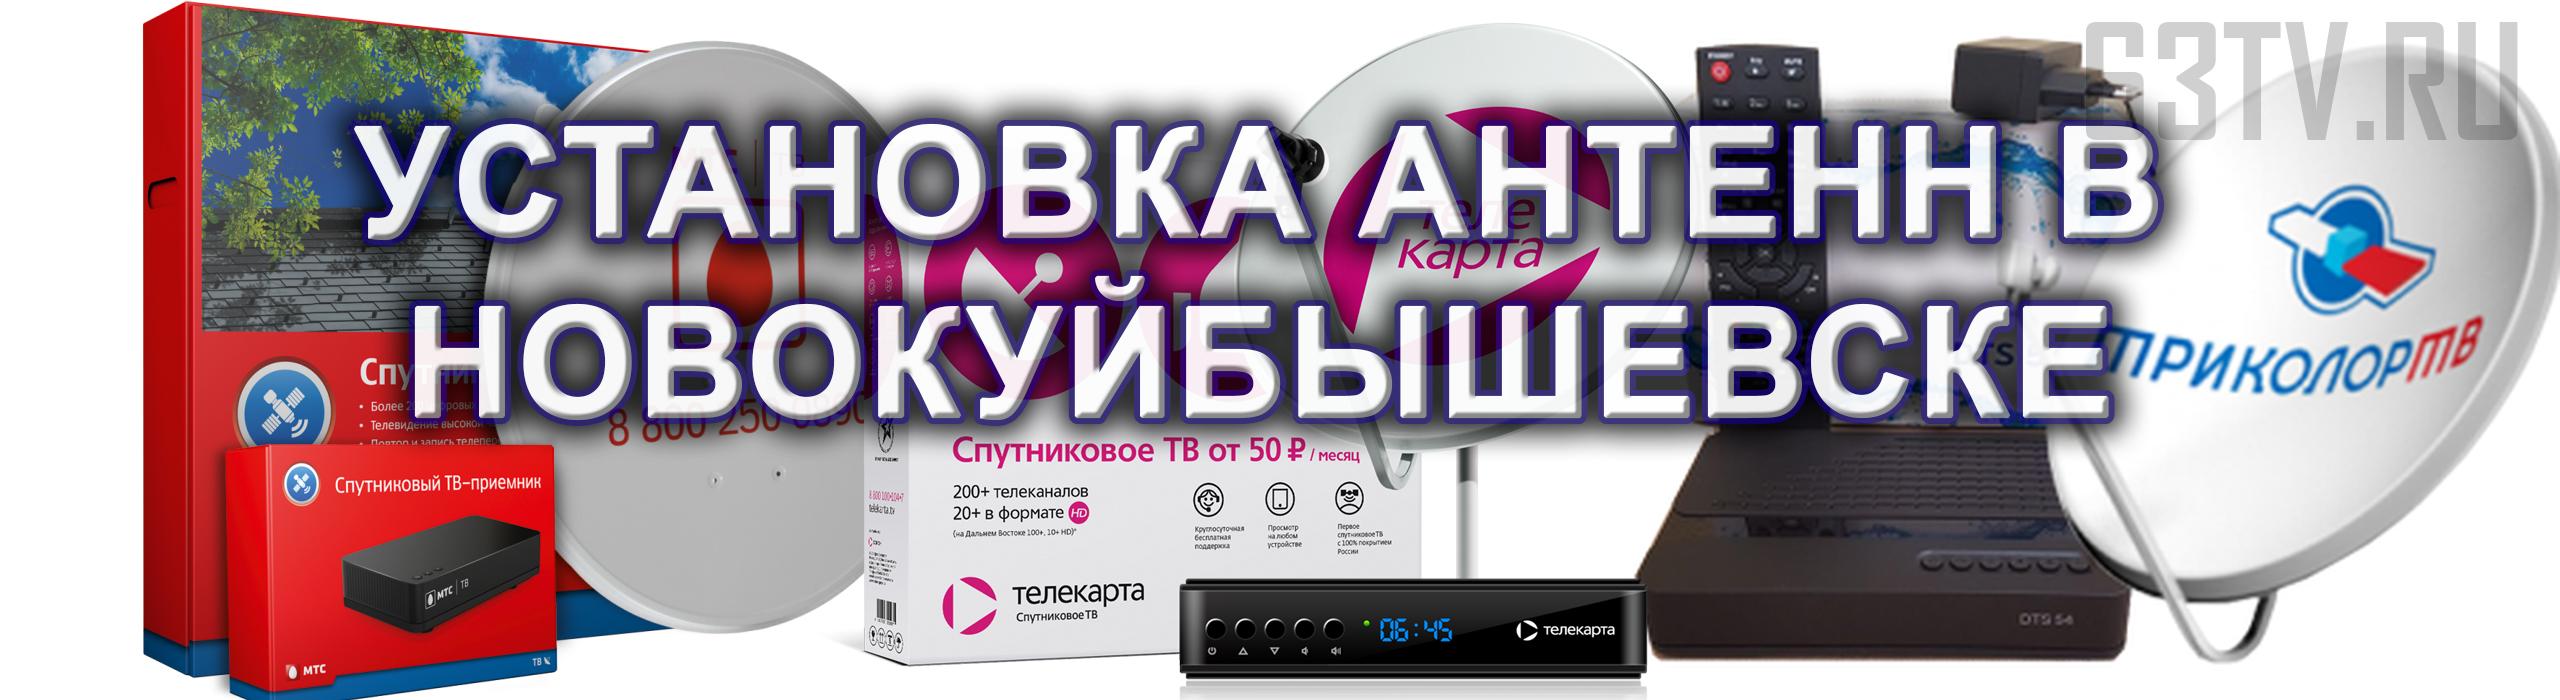 Установка антенн в Новокуйбышевске